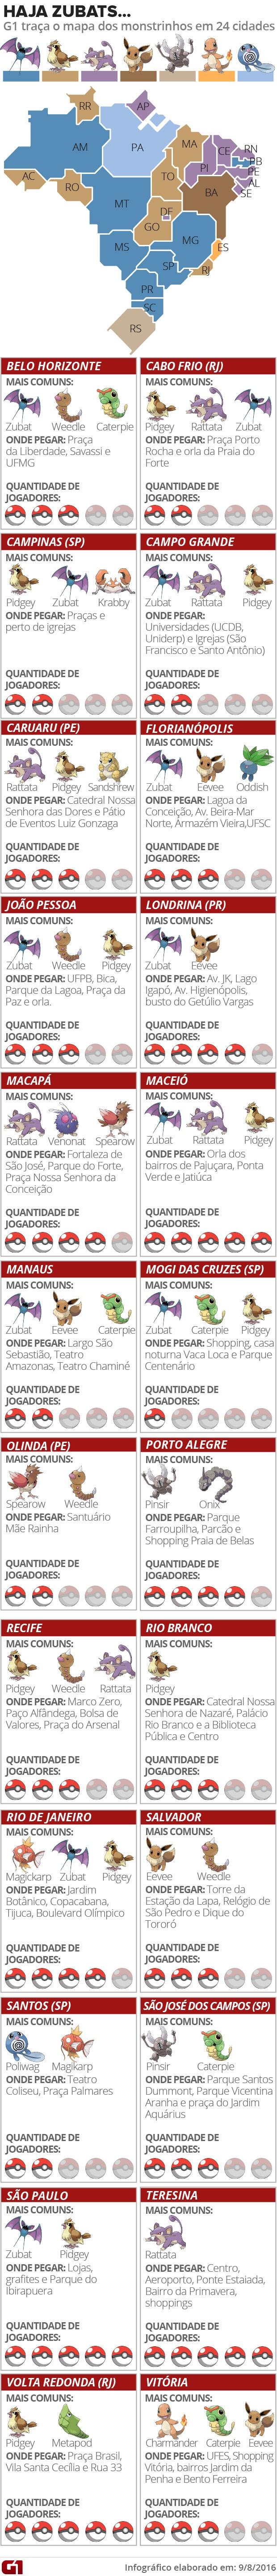 'Pokémon Go' pelo Brasil: G1 mostra mapa com pokéstops e monstrinhos (Foto: G1)